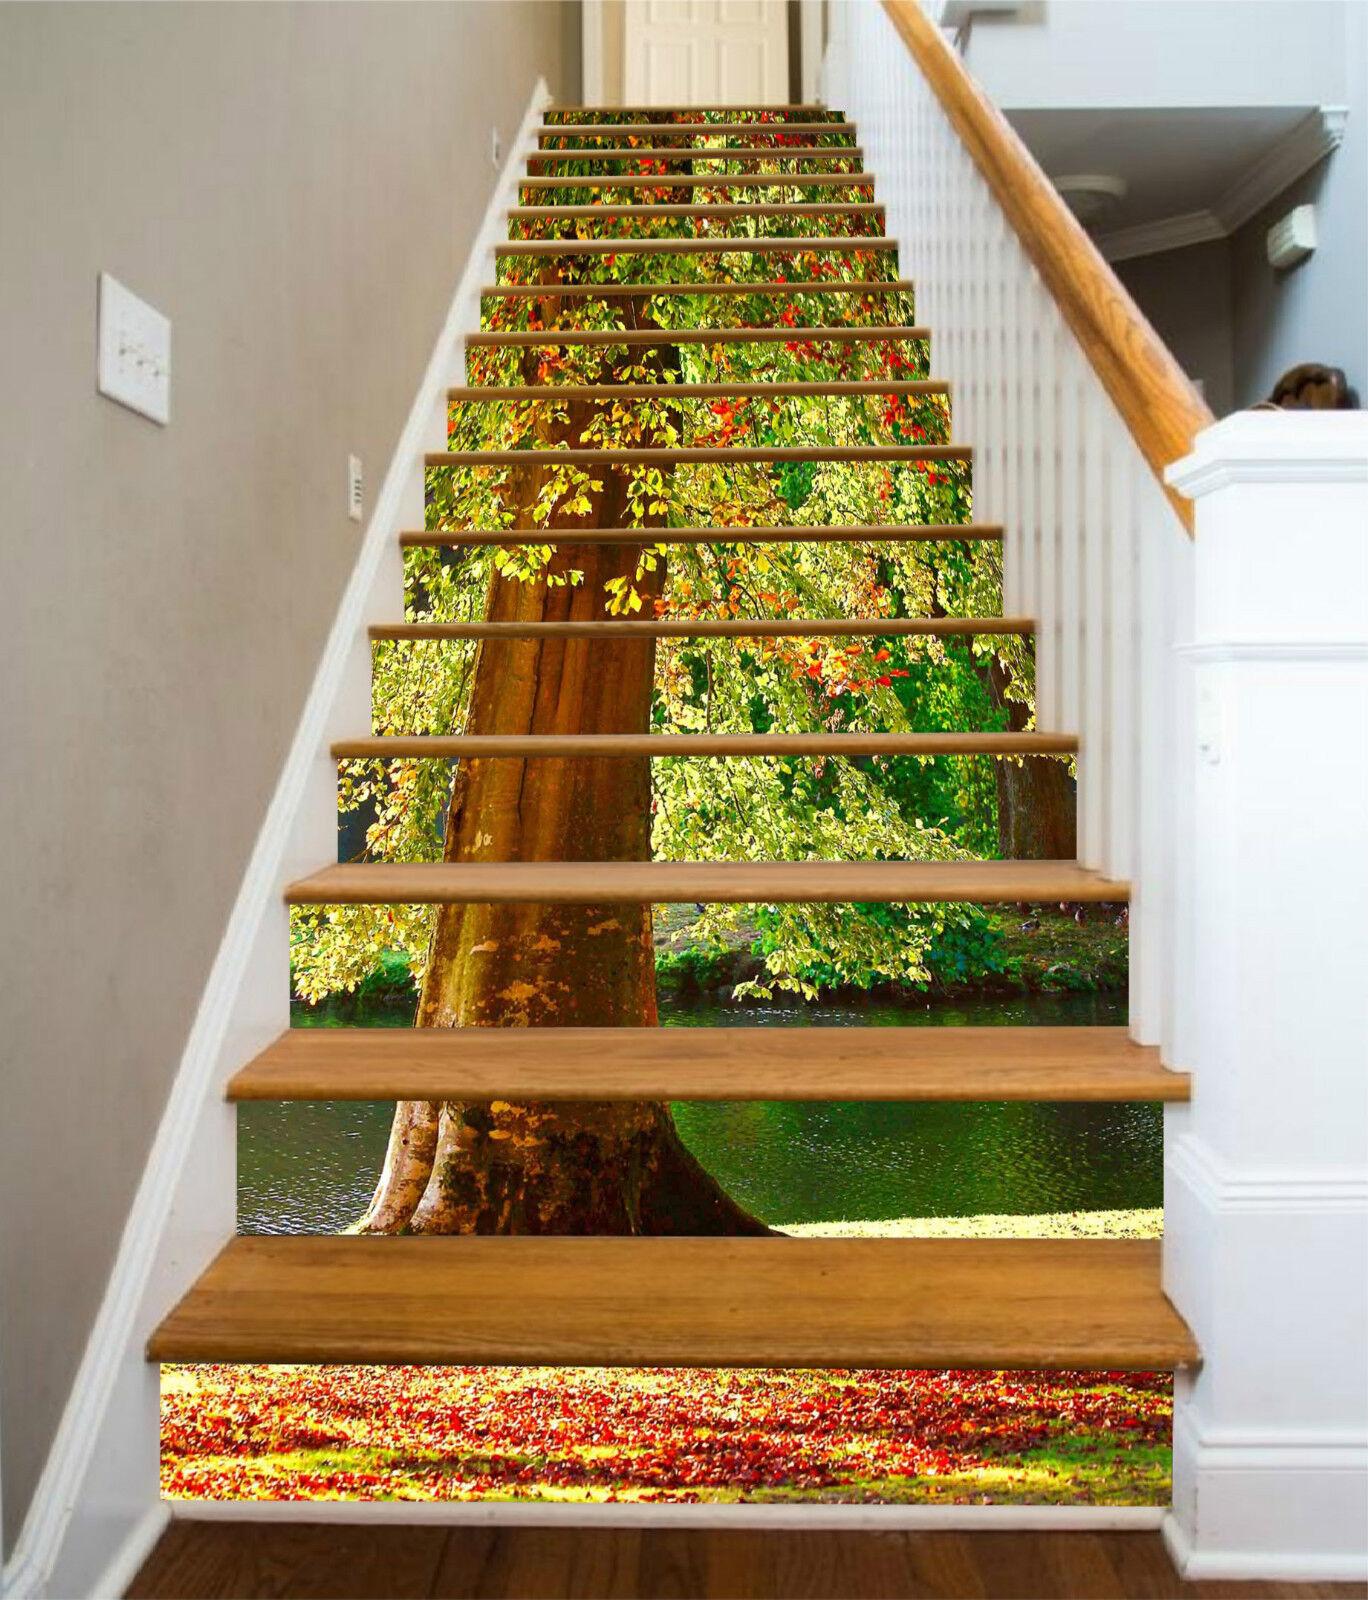 3d mer arbre 2008 Stair Risers Décoration Papier Peint Vinyle Autocollant Papier Peint De